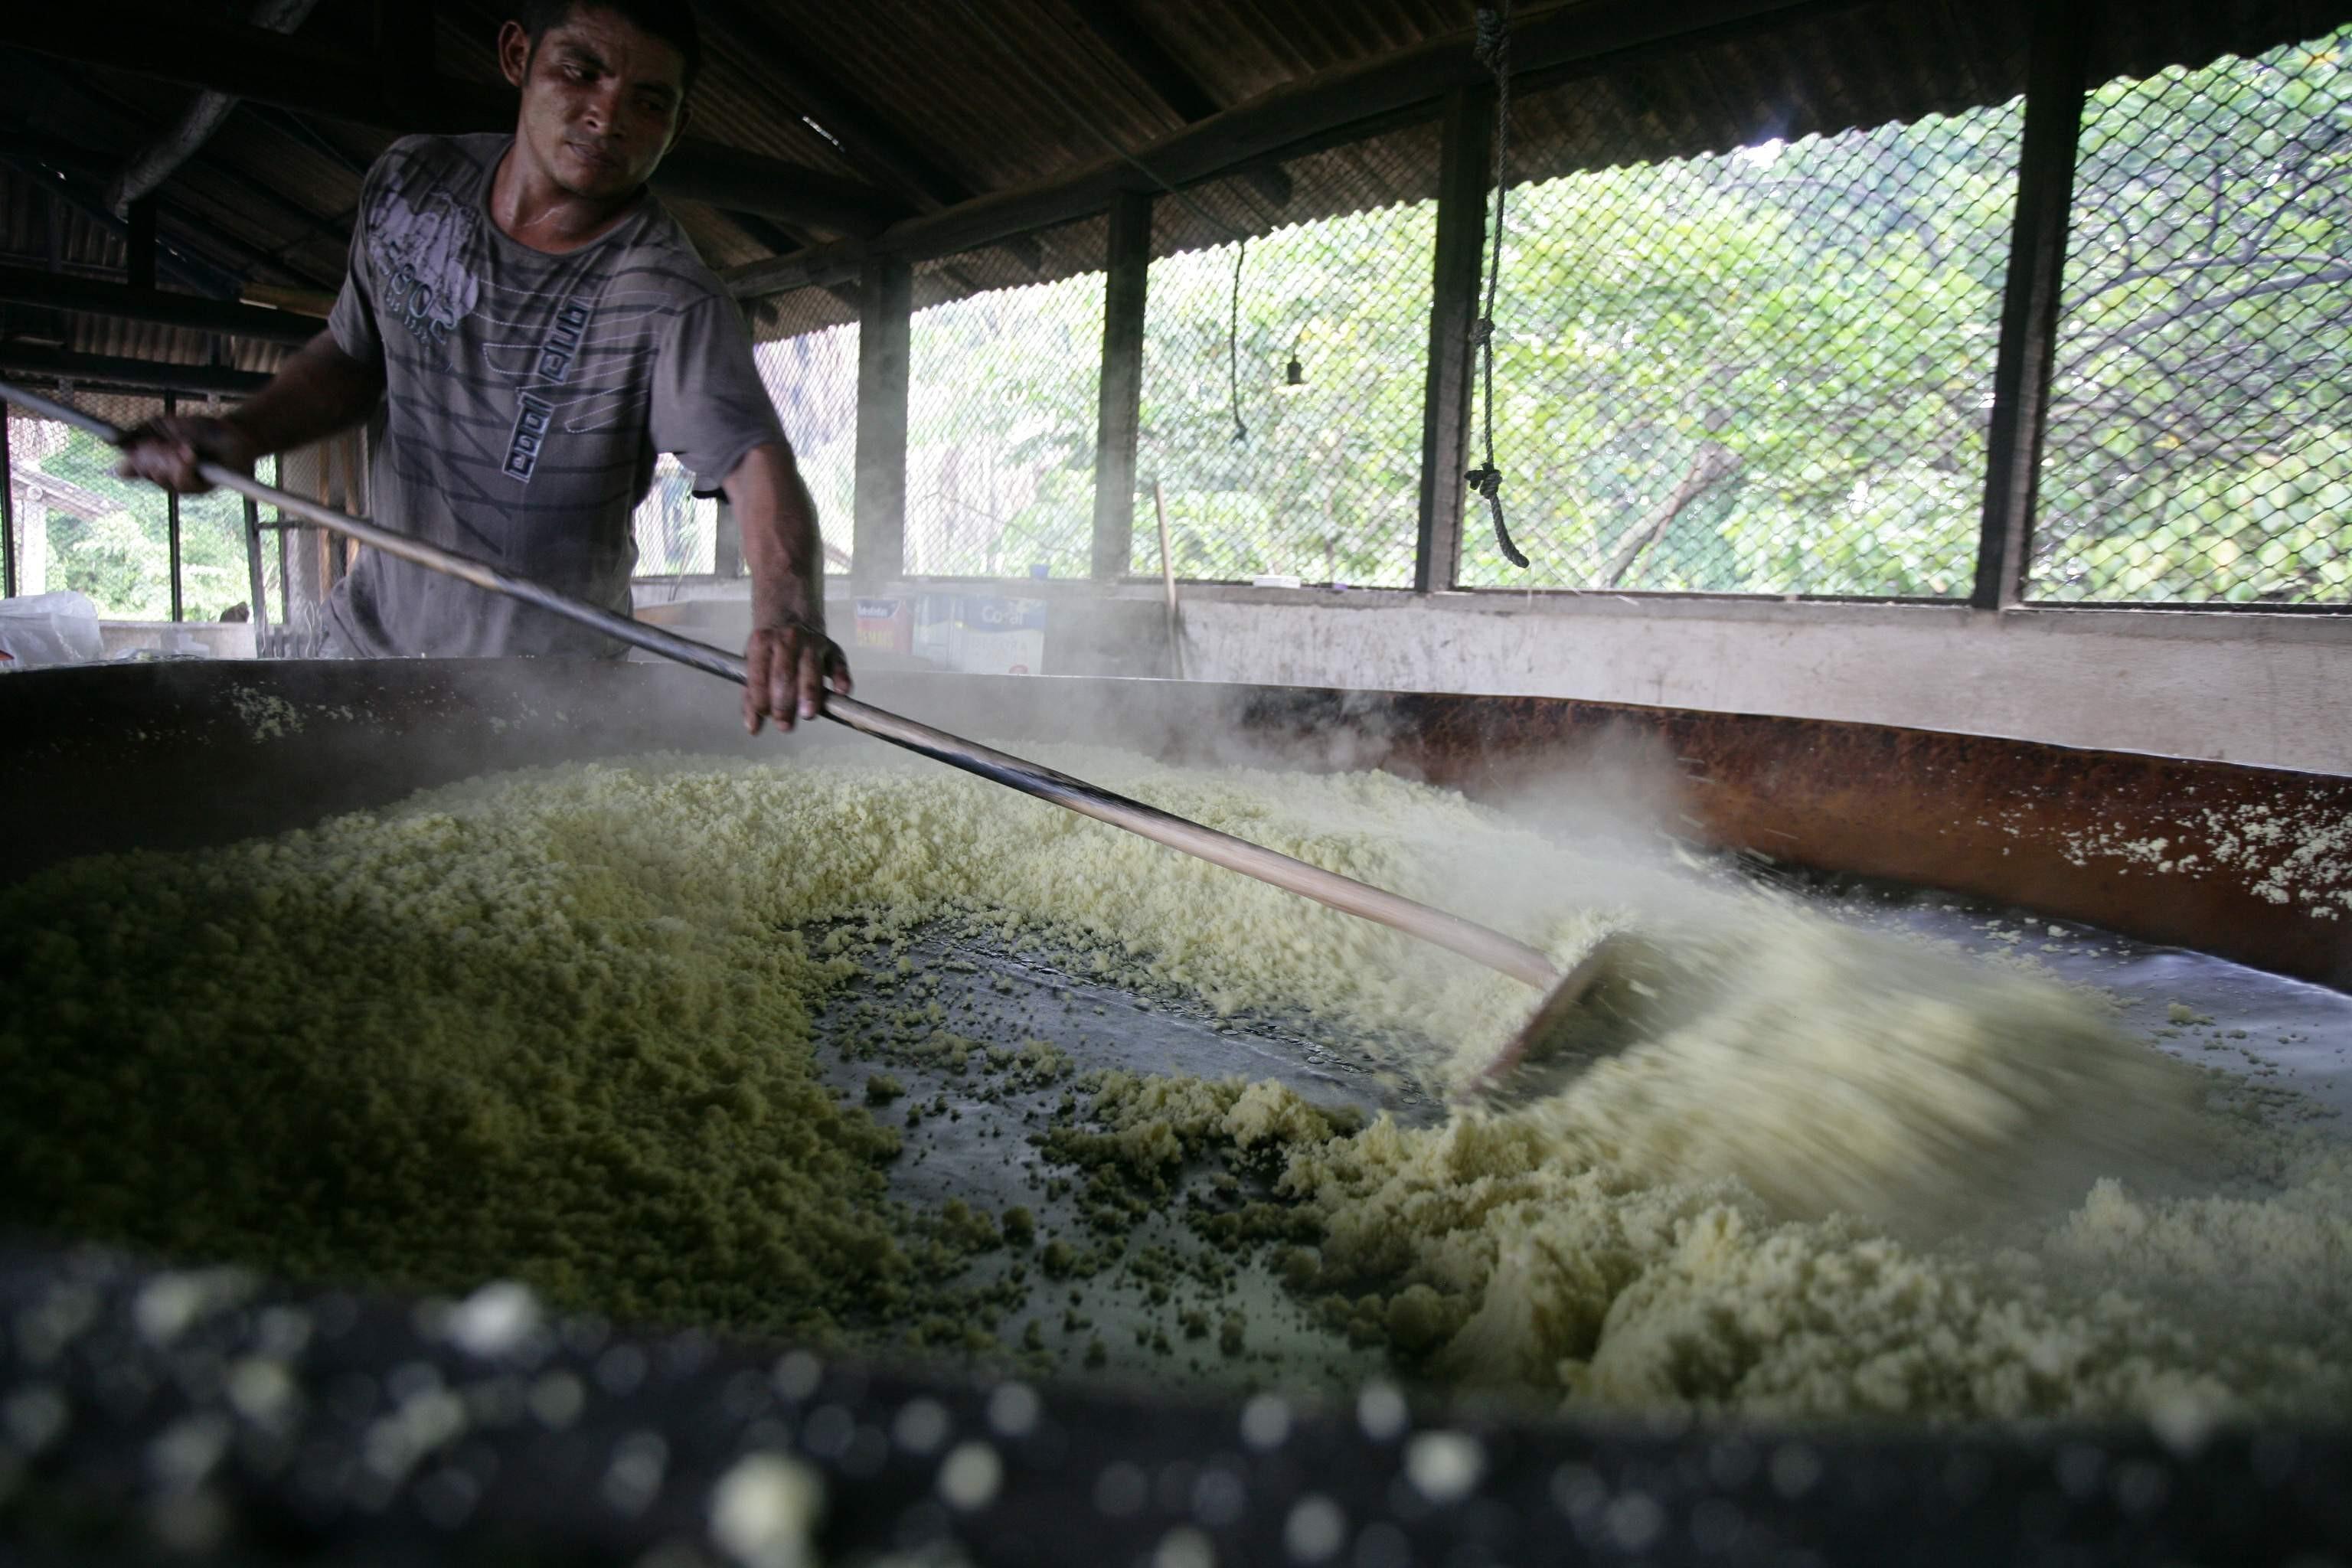 Ciência e tradição se unem na produção de farinha de mandioca no nordeste do Pará